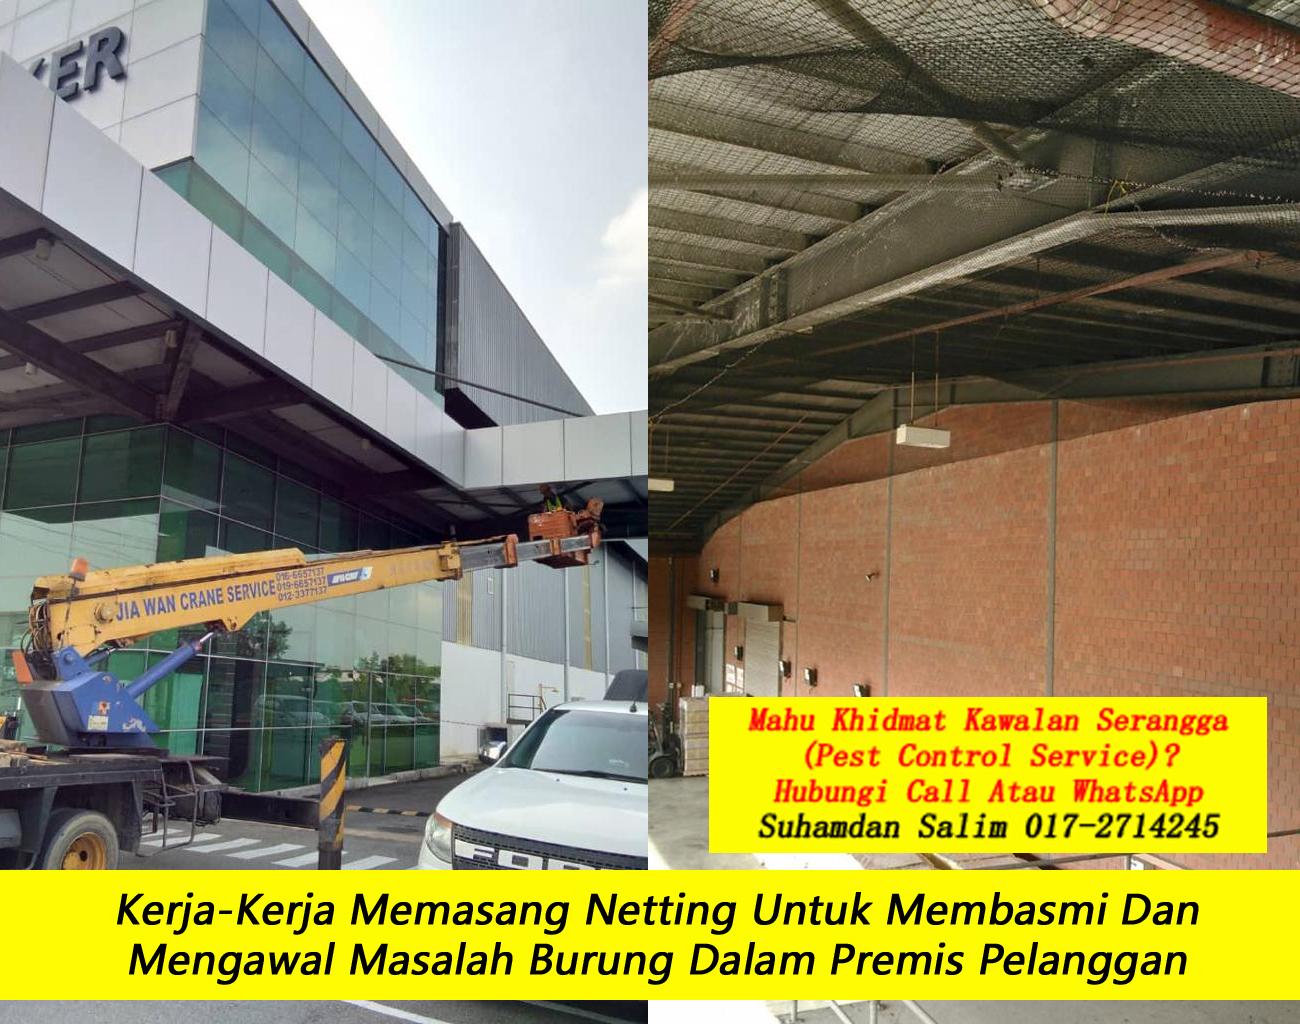 khidmat kawalan serangga burung kelawar syarikat kawalan serangga company pest control Bandar Manjalara kl taman perumahan kawasan perindustrian near me felda